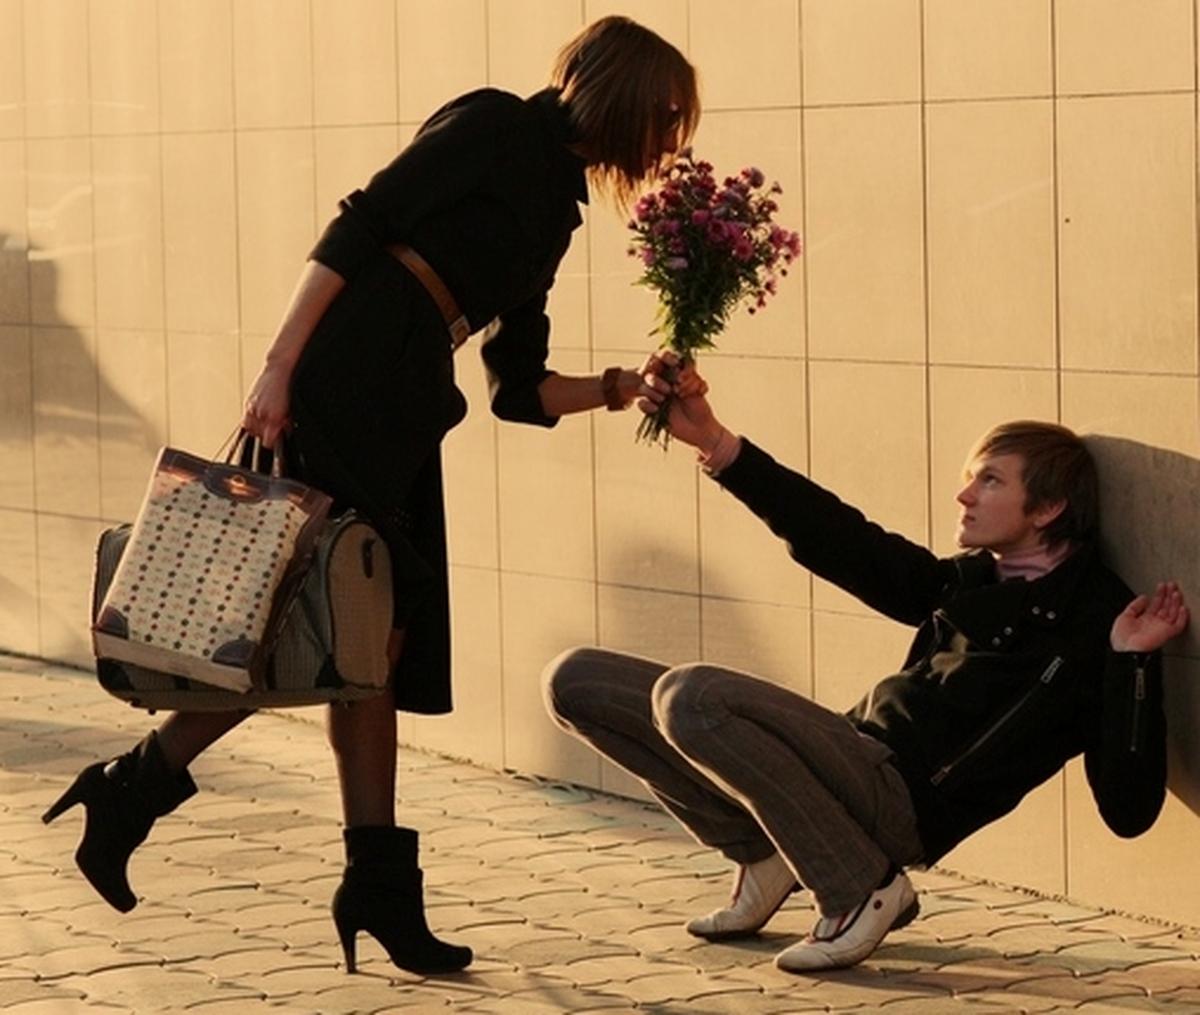 Встреча мужчины и женщины картинка прикол